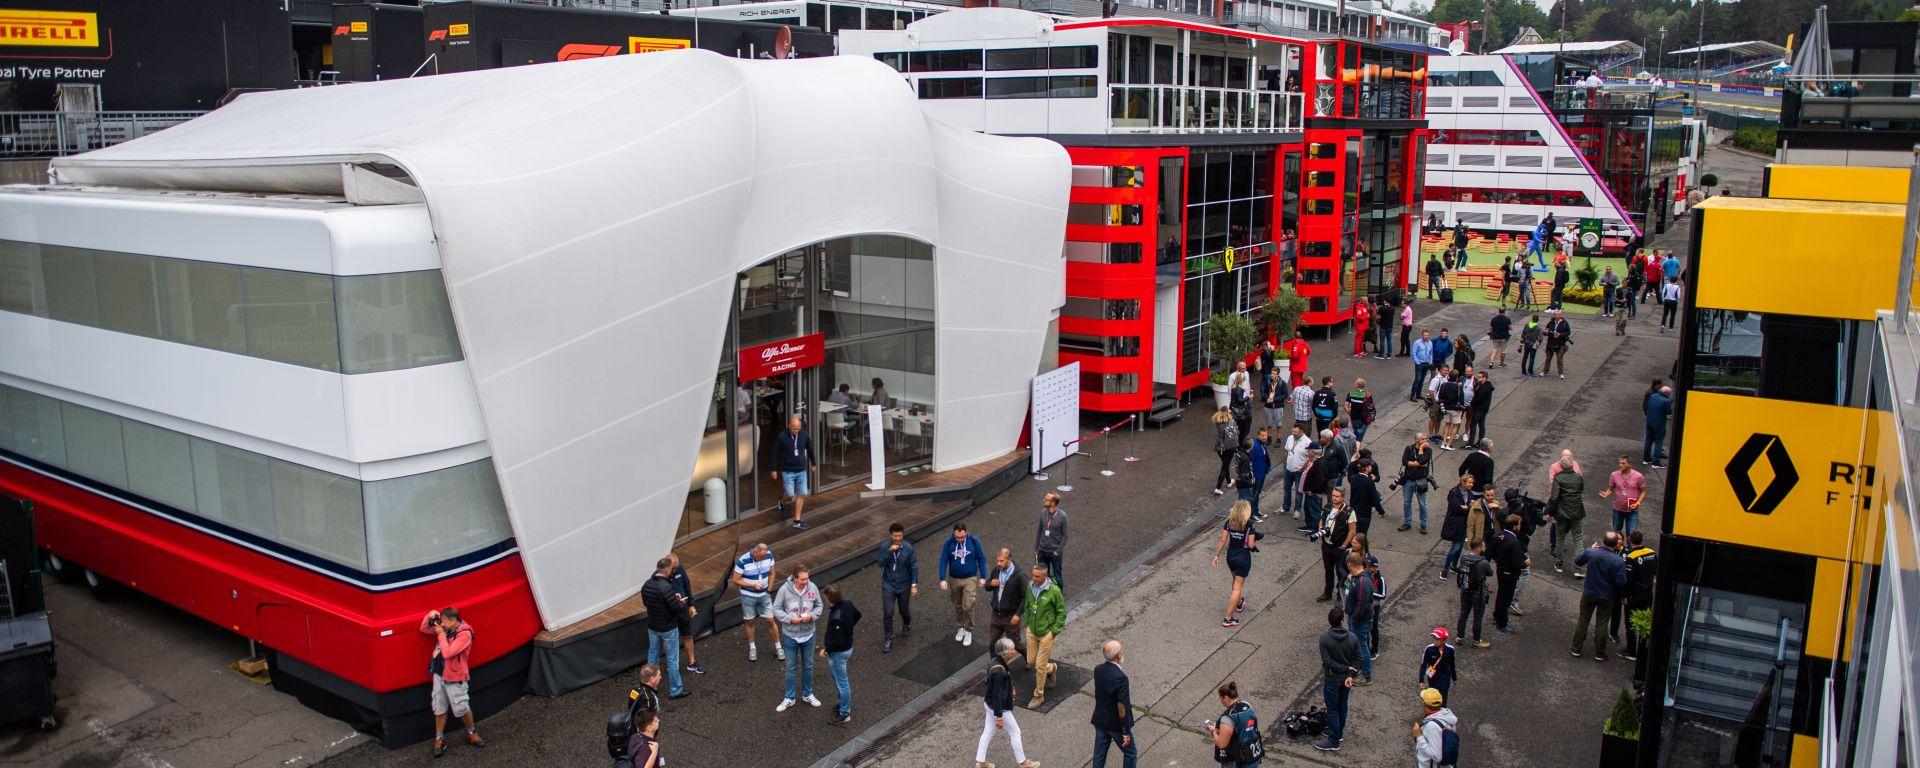 F1, GP Belgio 2019: il paddock di Spa